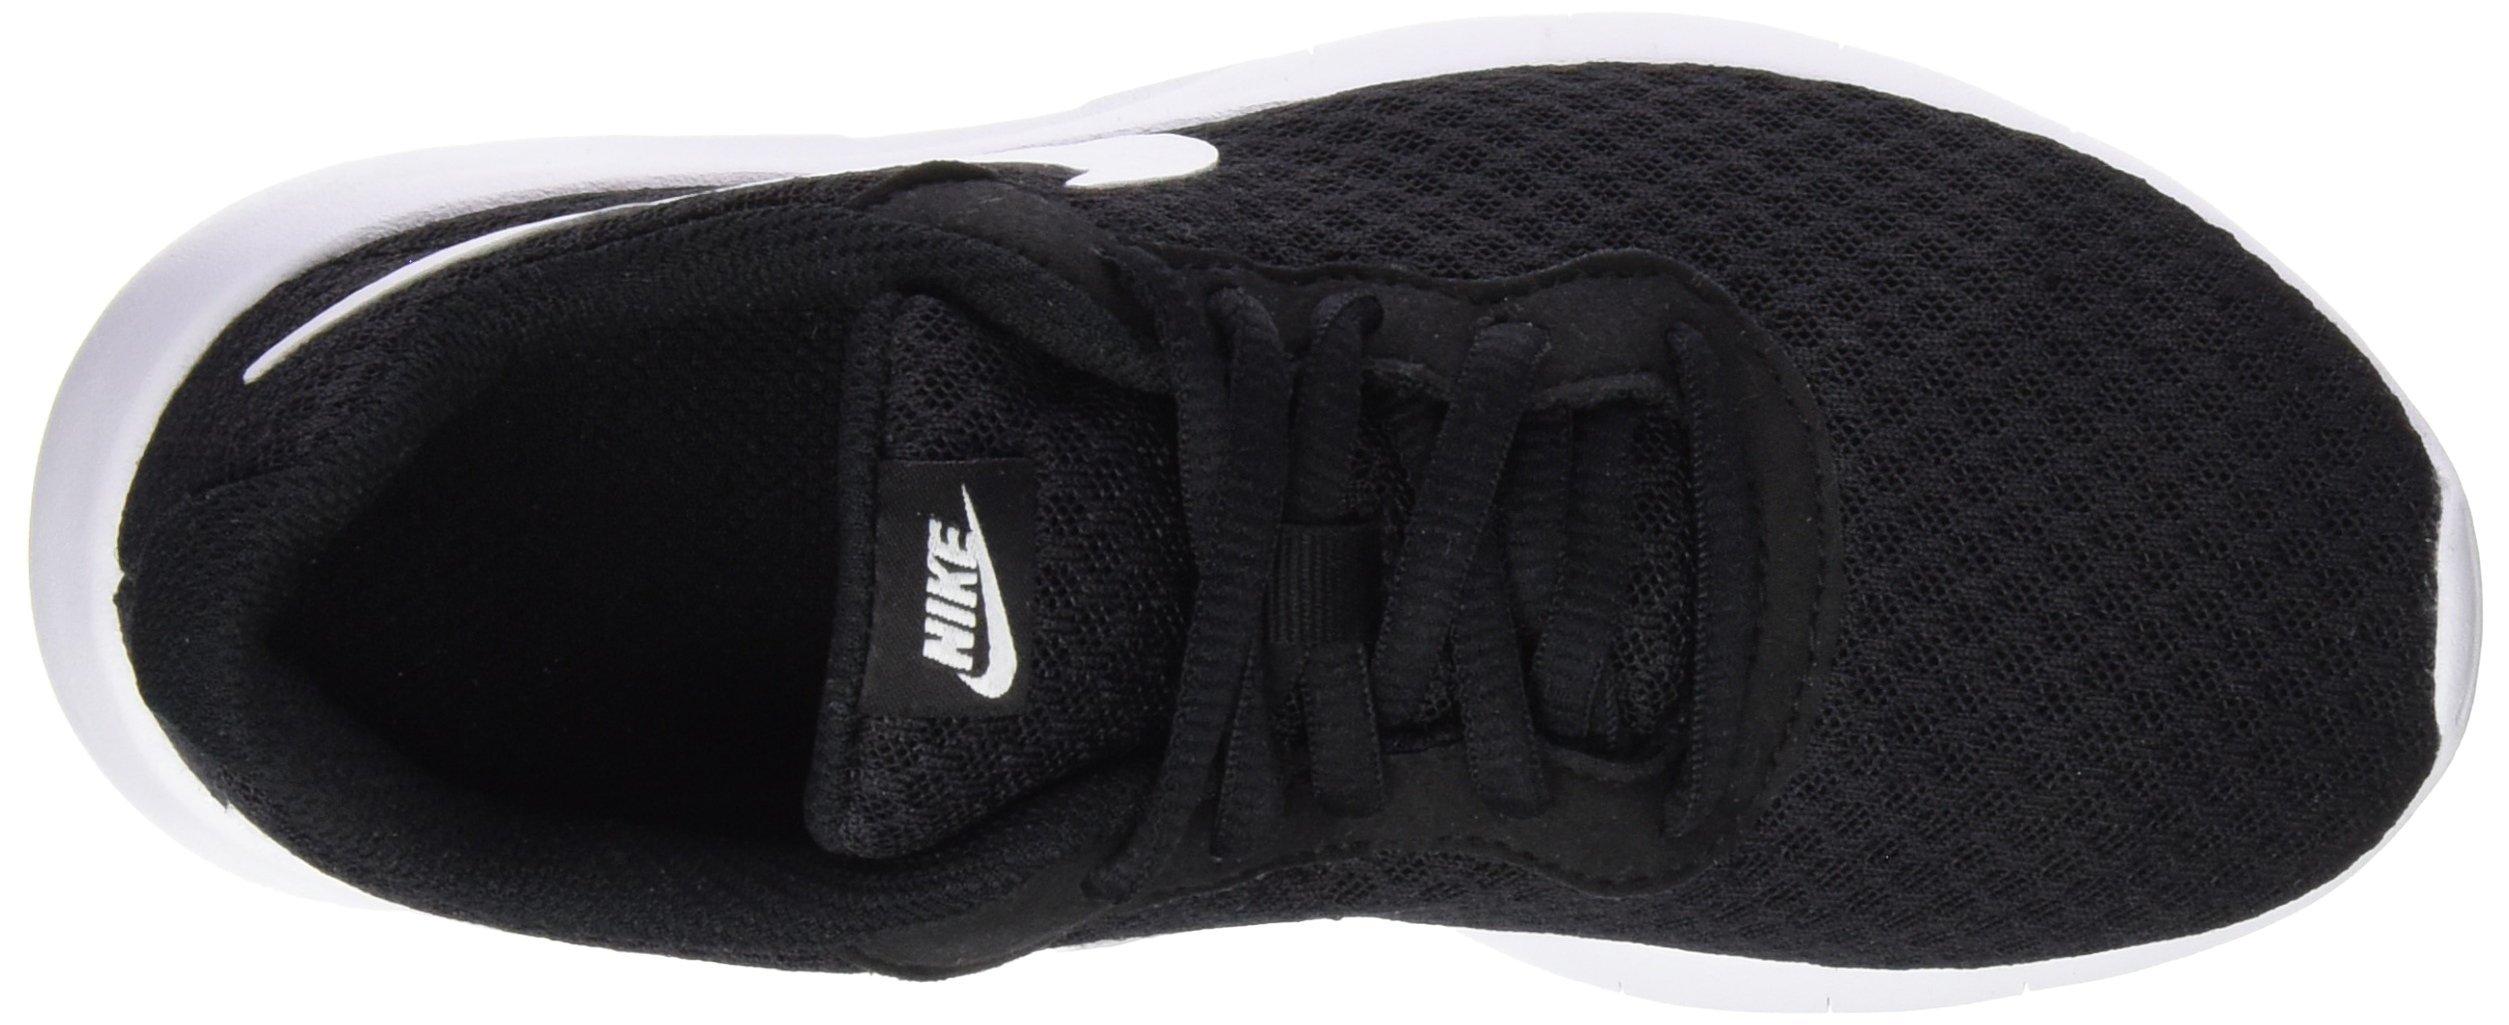 Nike Boy's Tanjun Running Sneaker Black/White-White 13 by Nike (Image #6)